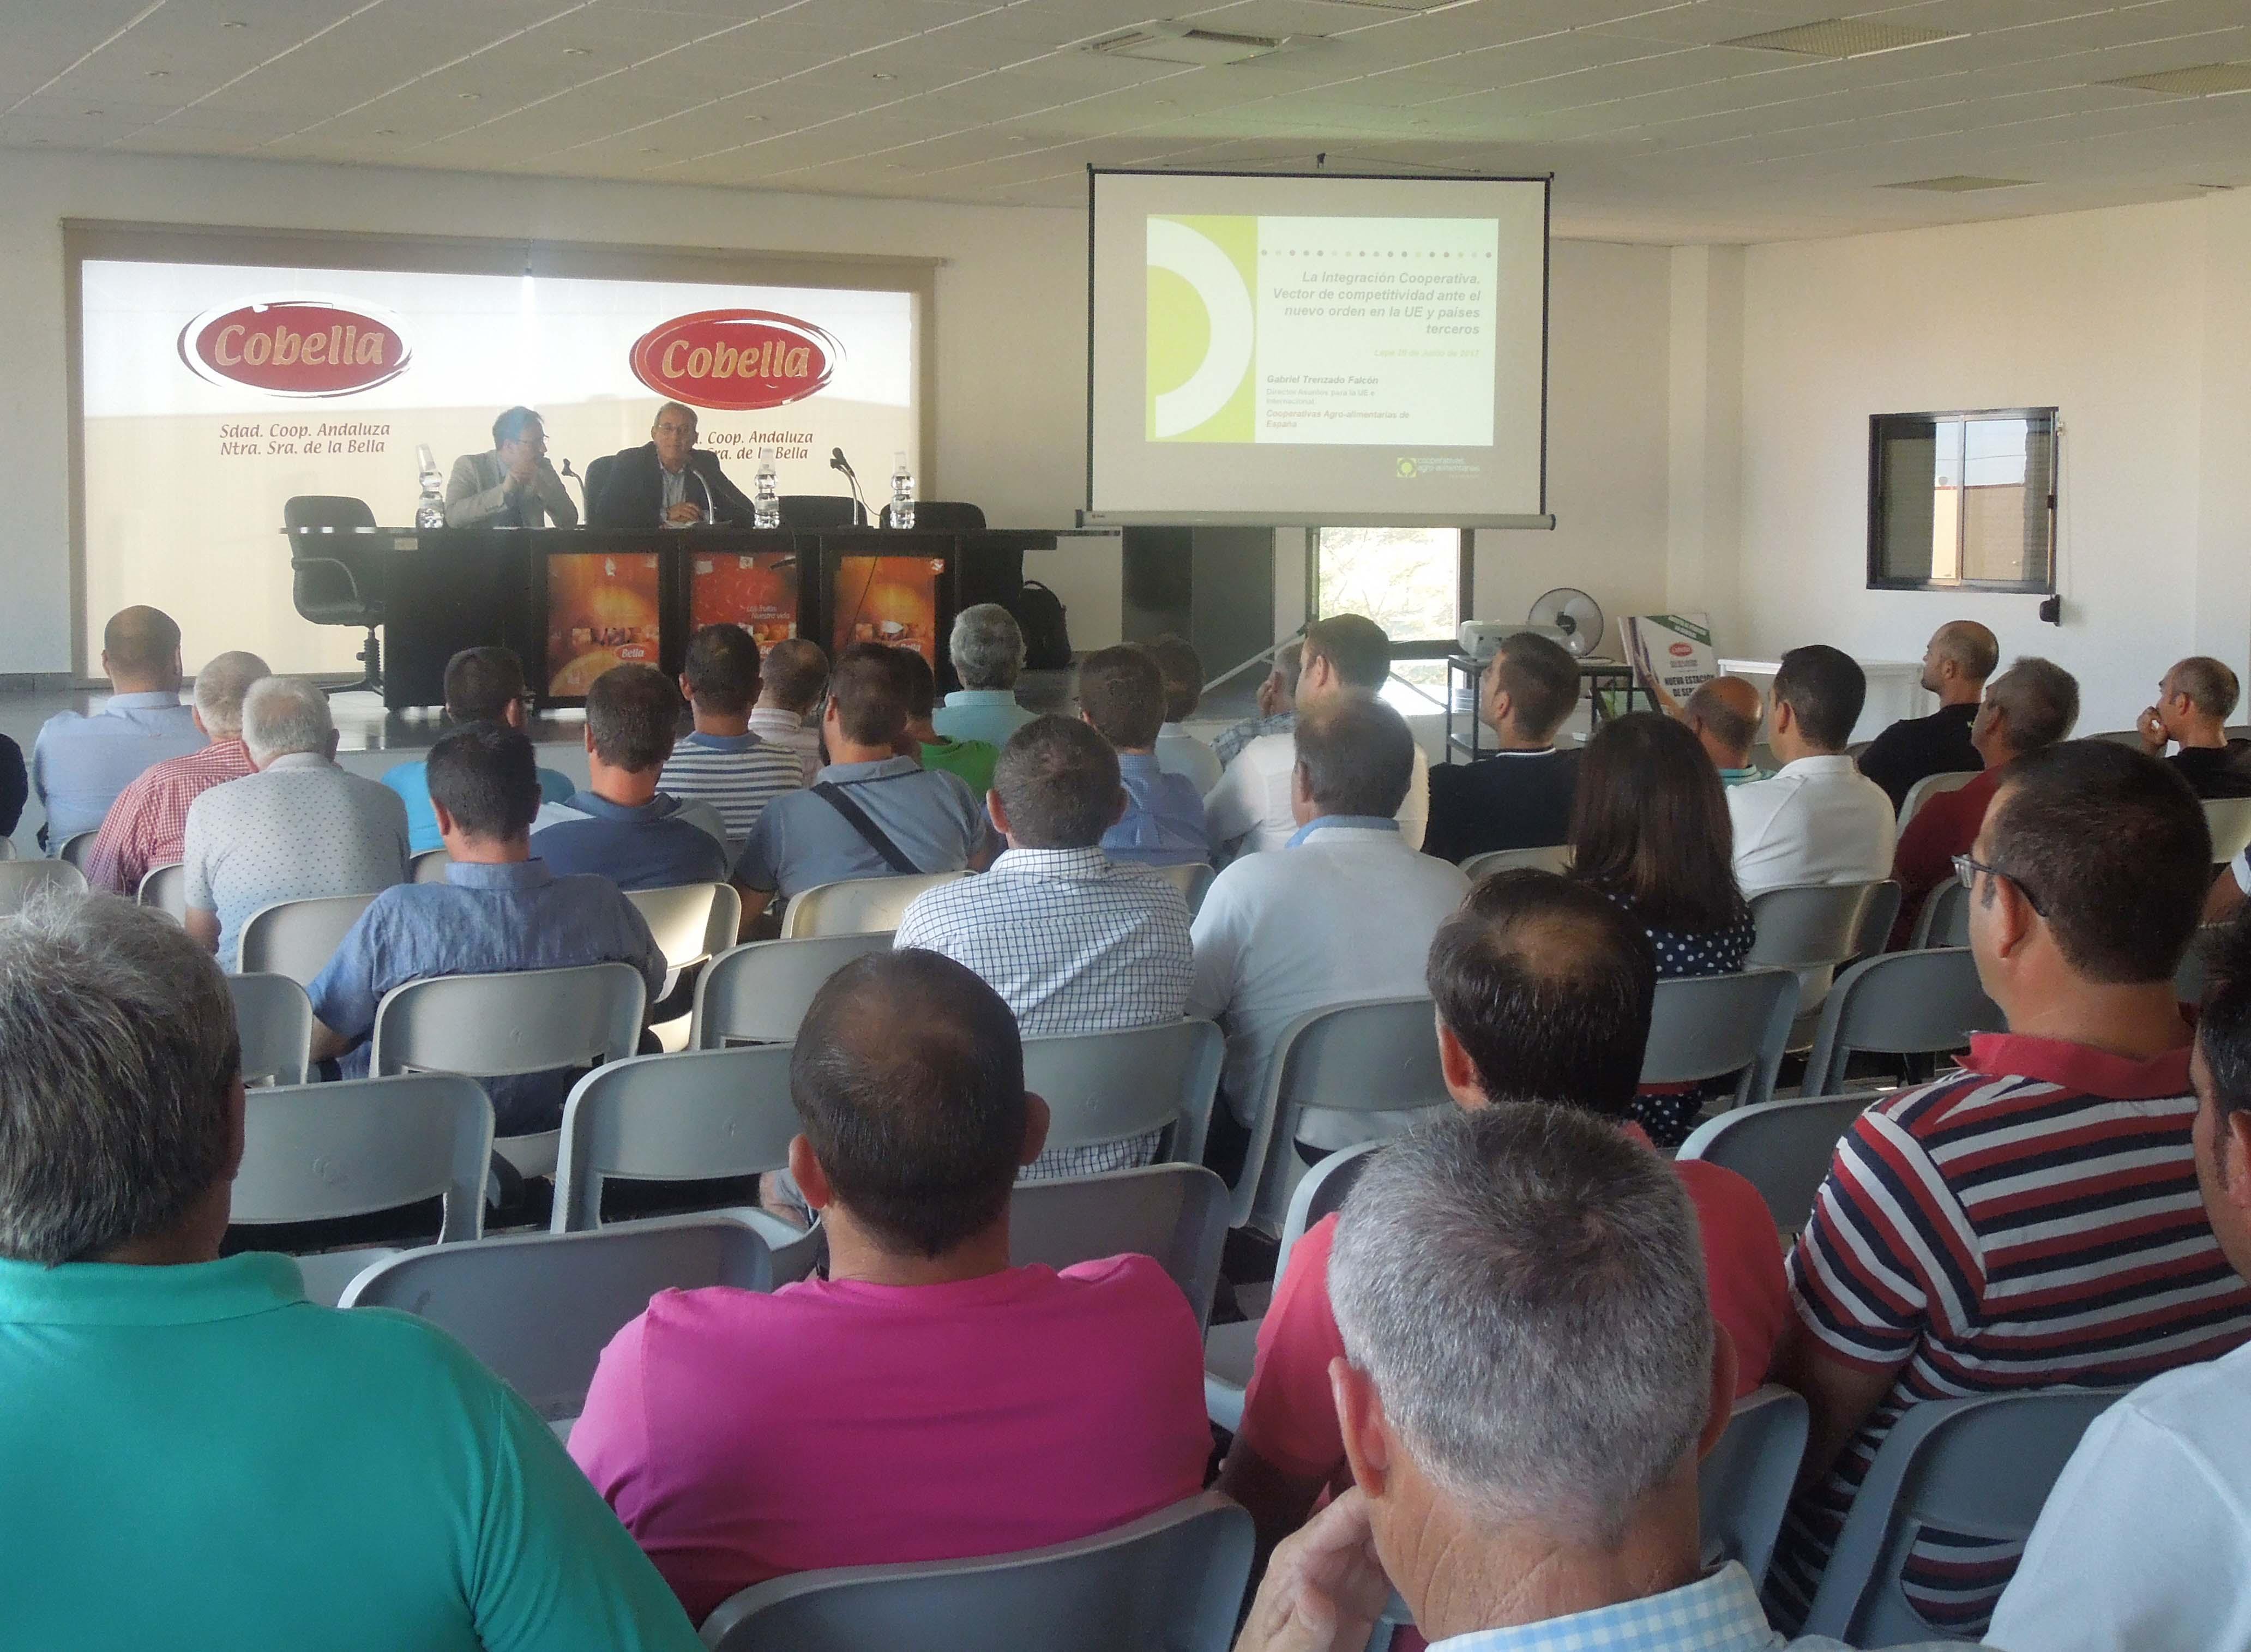 Un buen número de socios participaron en la Jornada de Cobella.